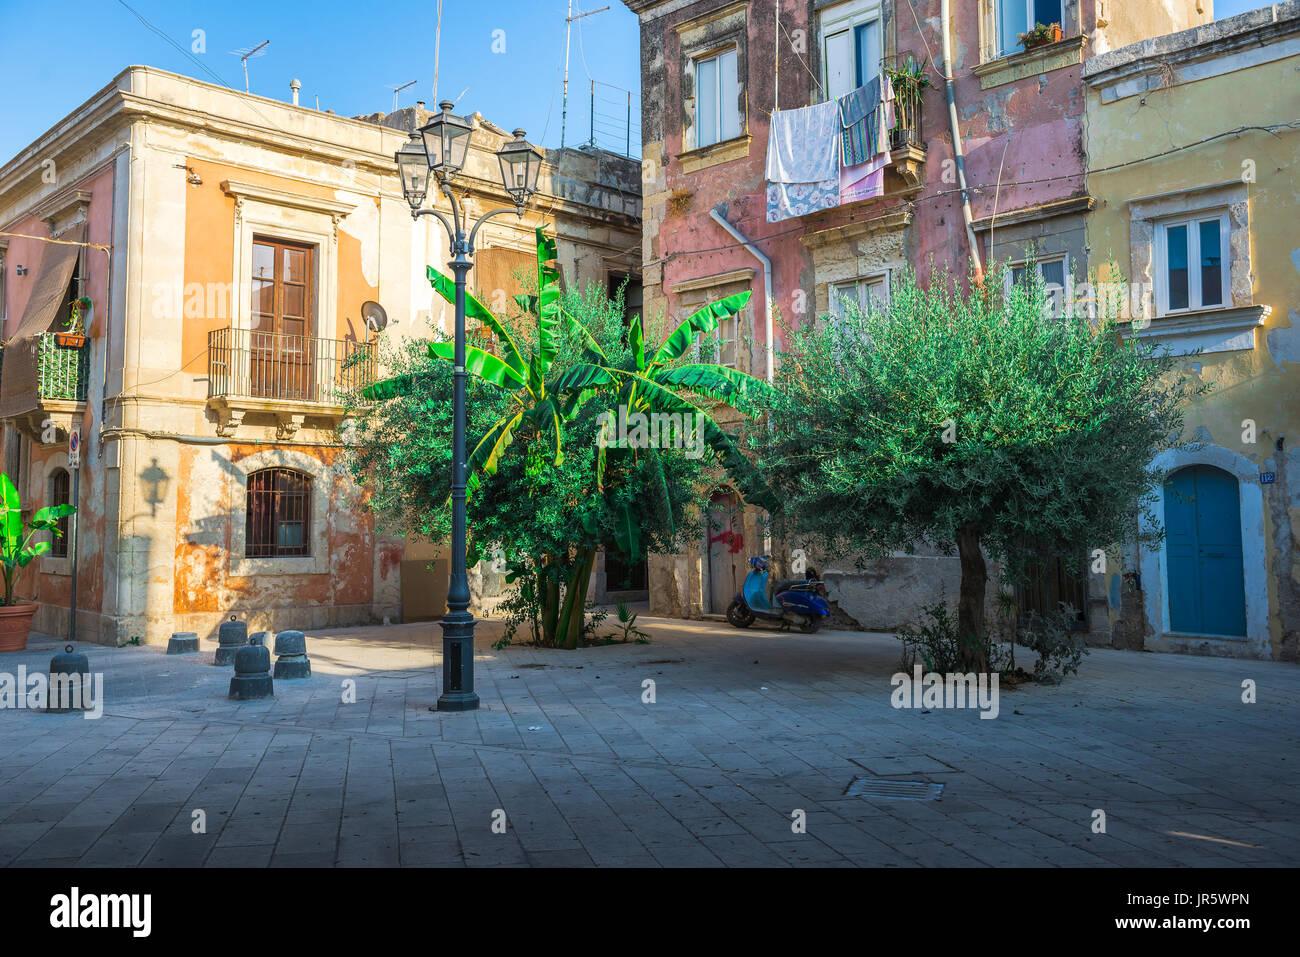 Altstadt Ortigia Sizilien, eingeschlossen eine kleine Piazza in der historischen Altstadt Ortigia, Syrakus, Sizilien. Stockbild